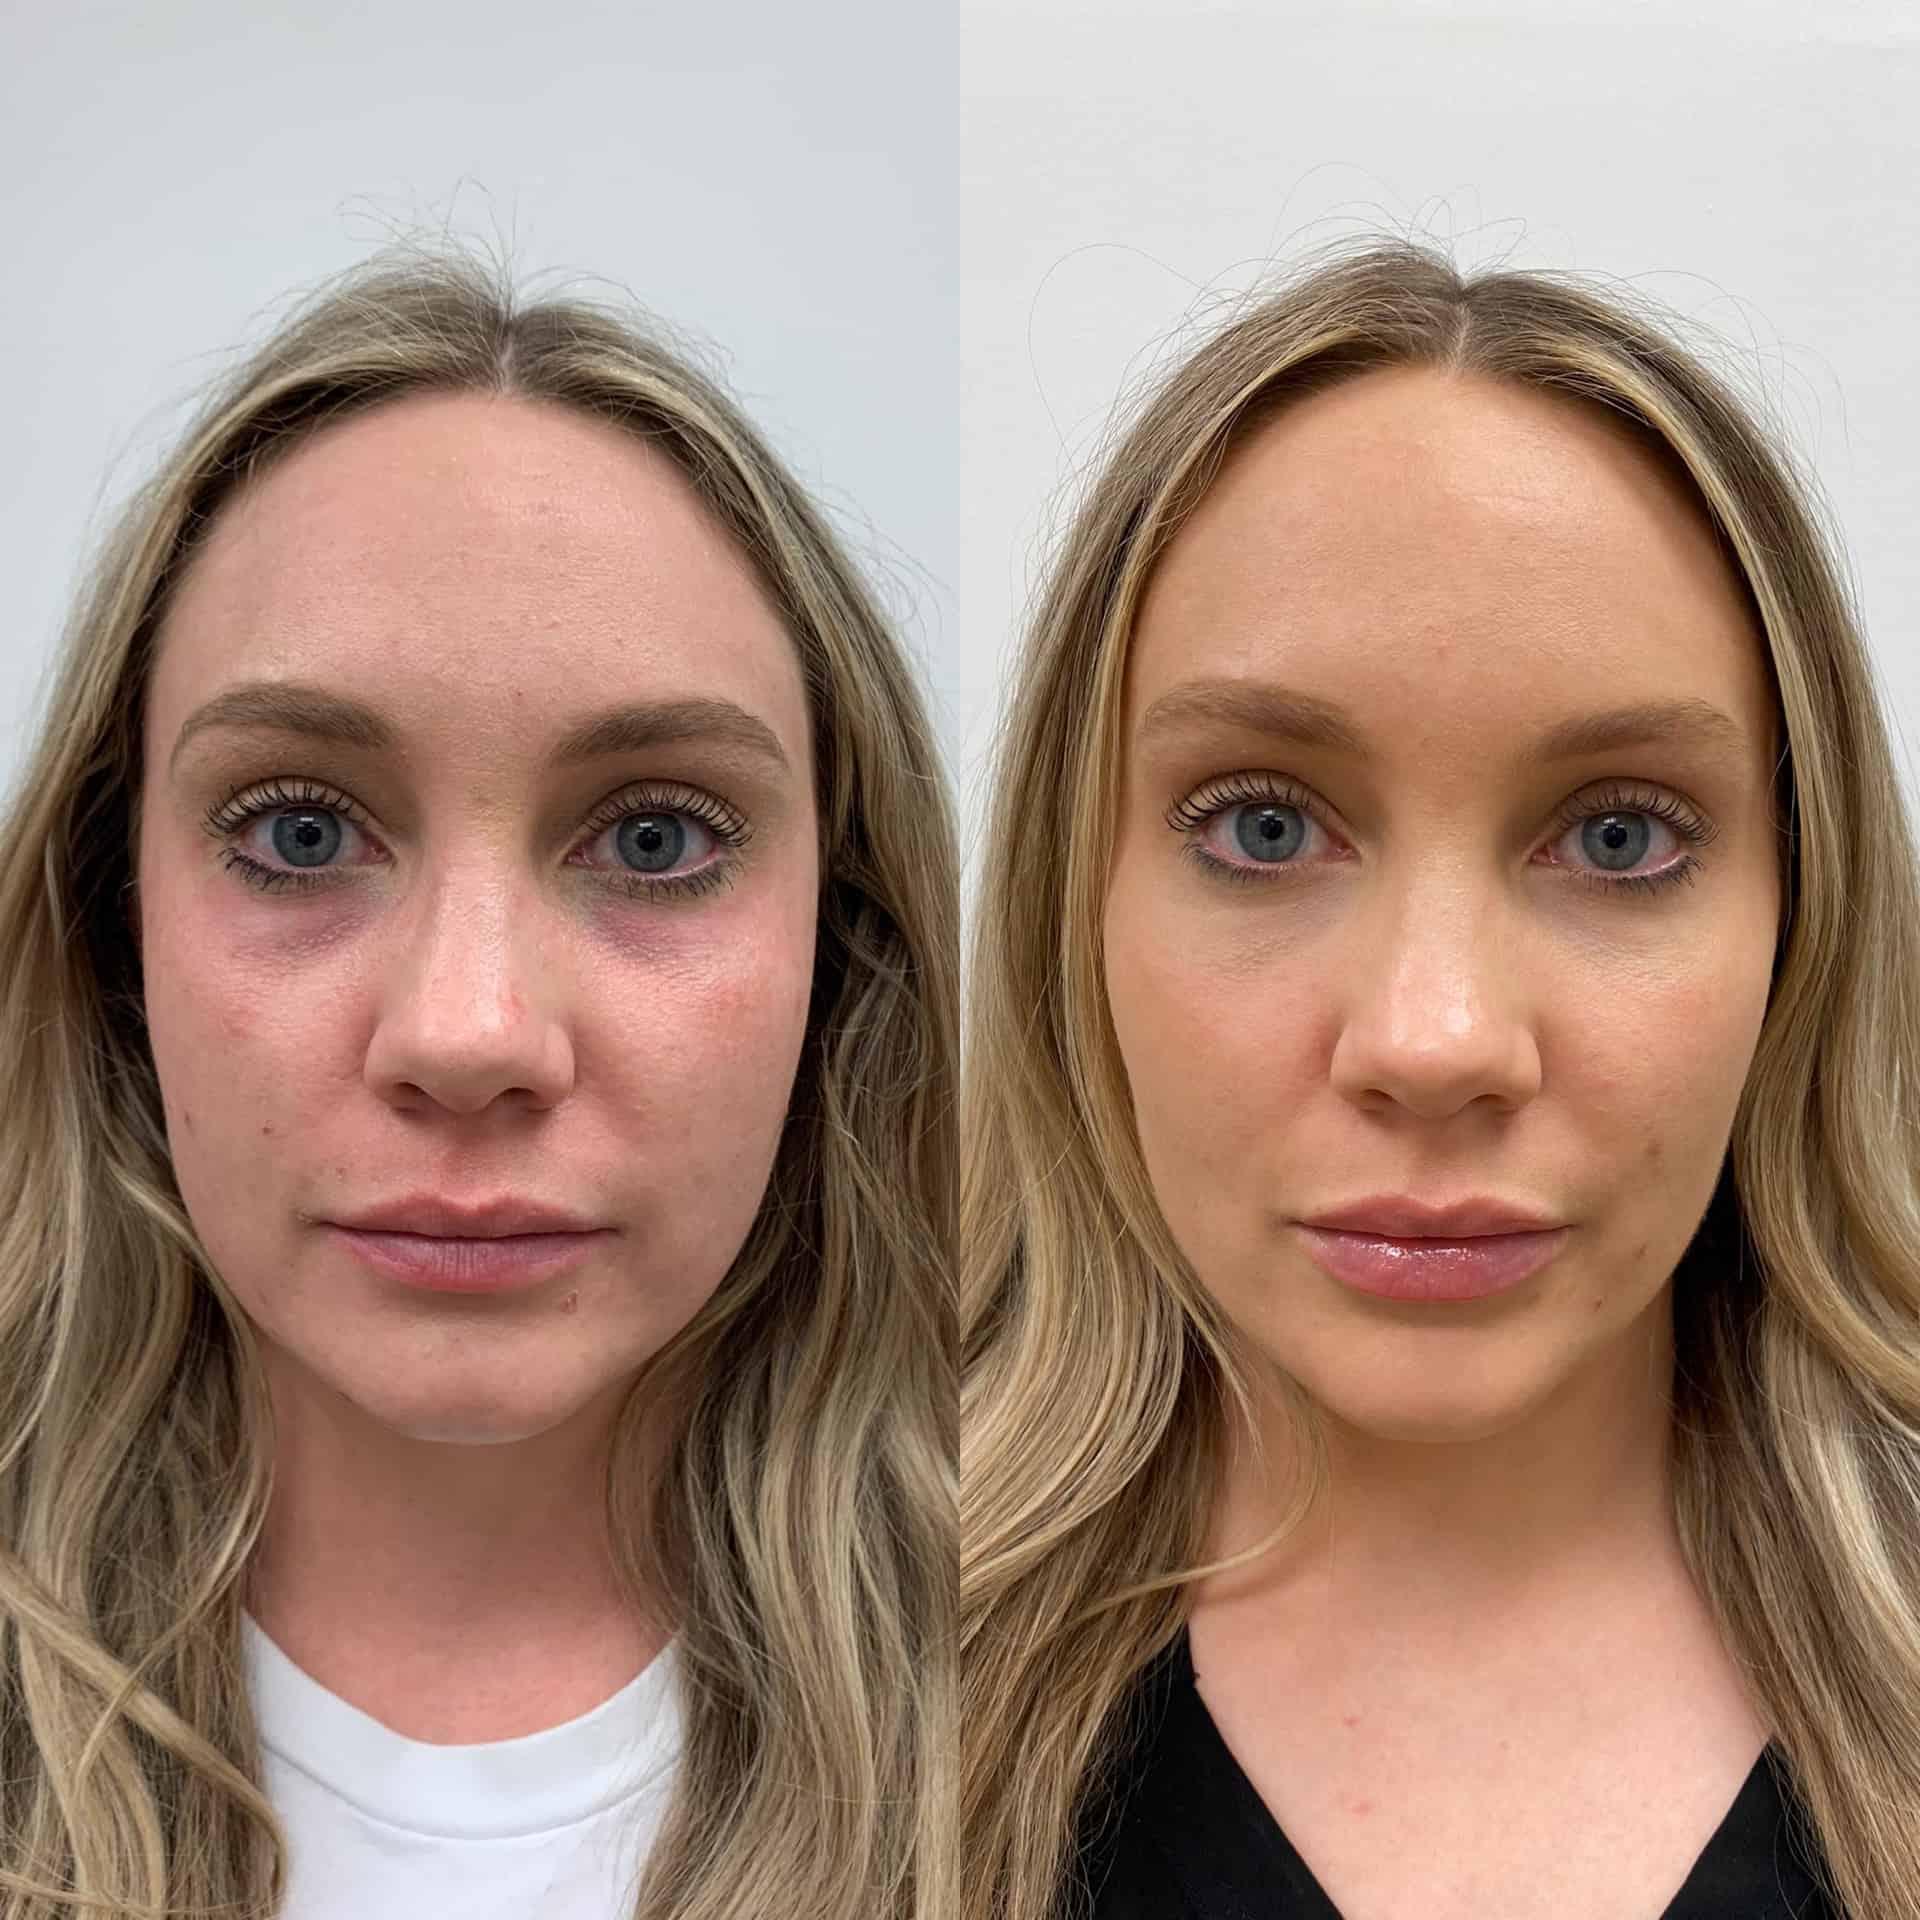 Full Face Rejuvenation with 5 syringes of filler